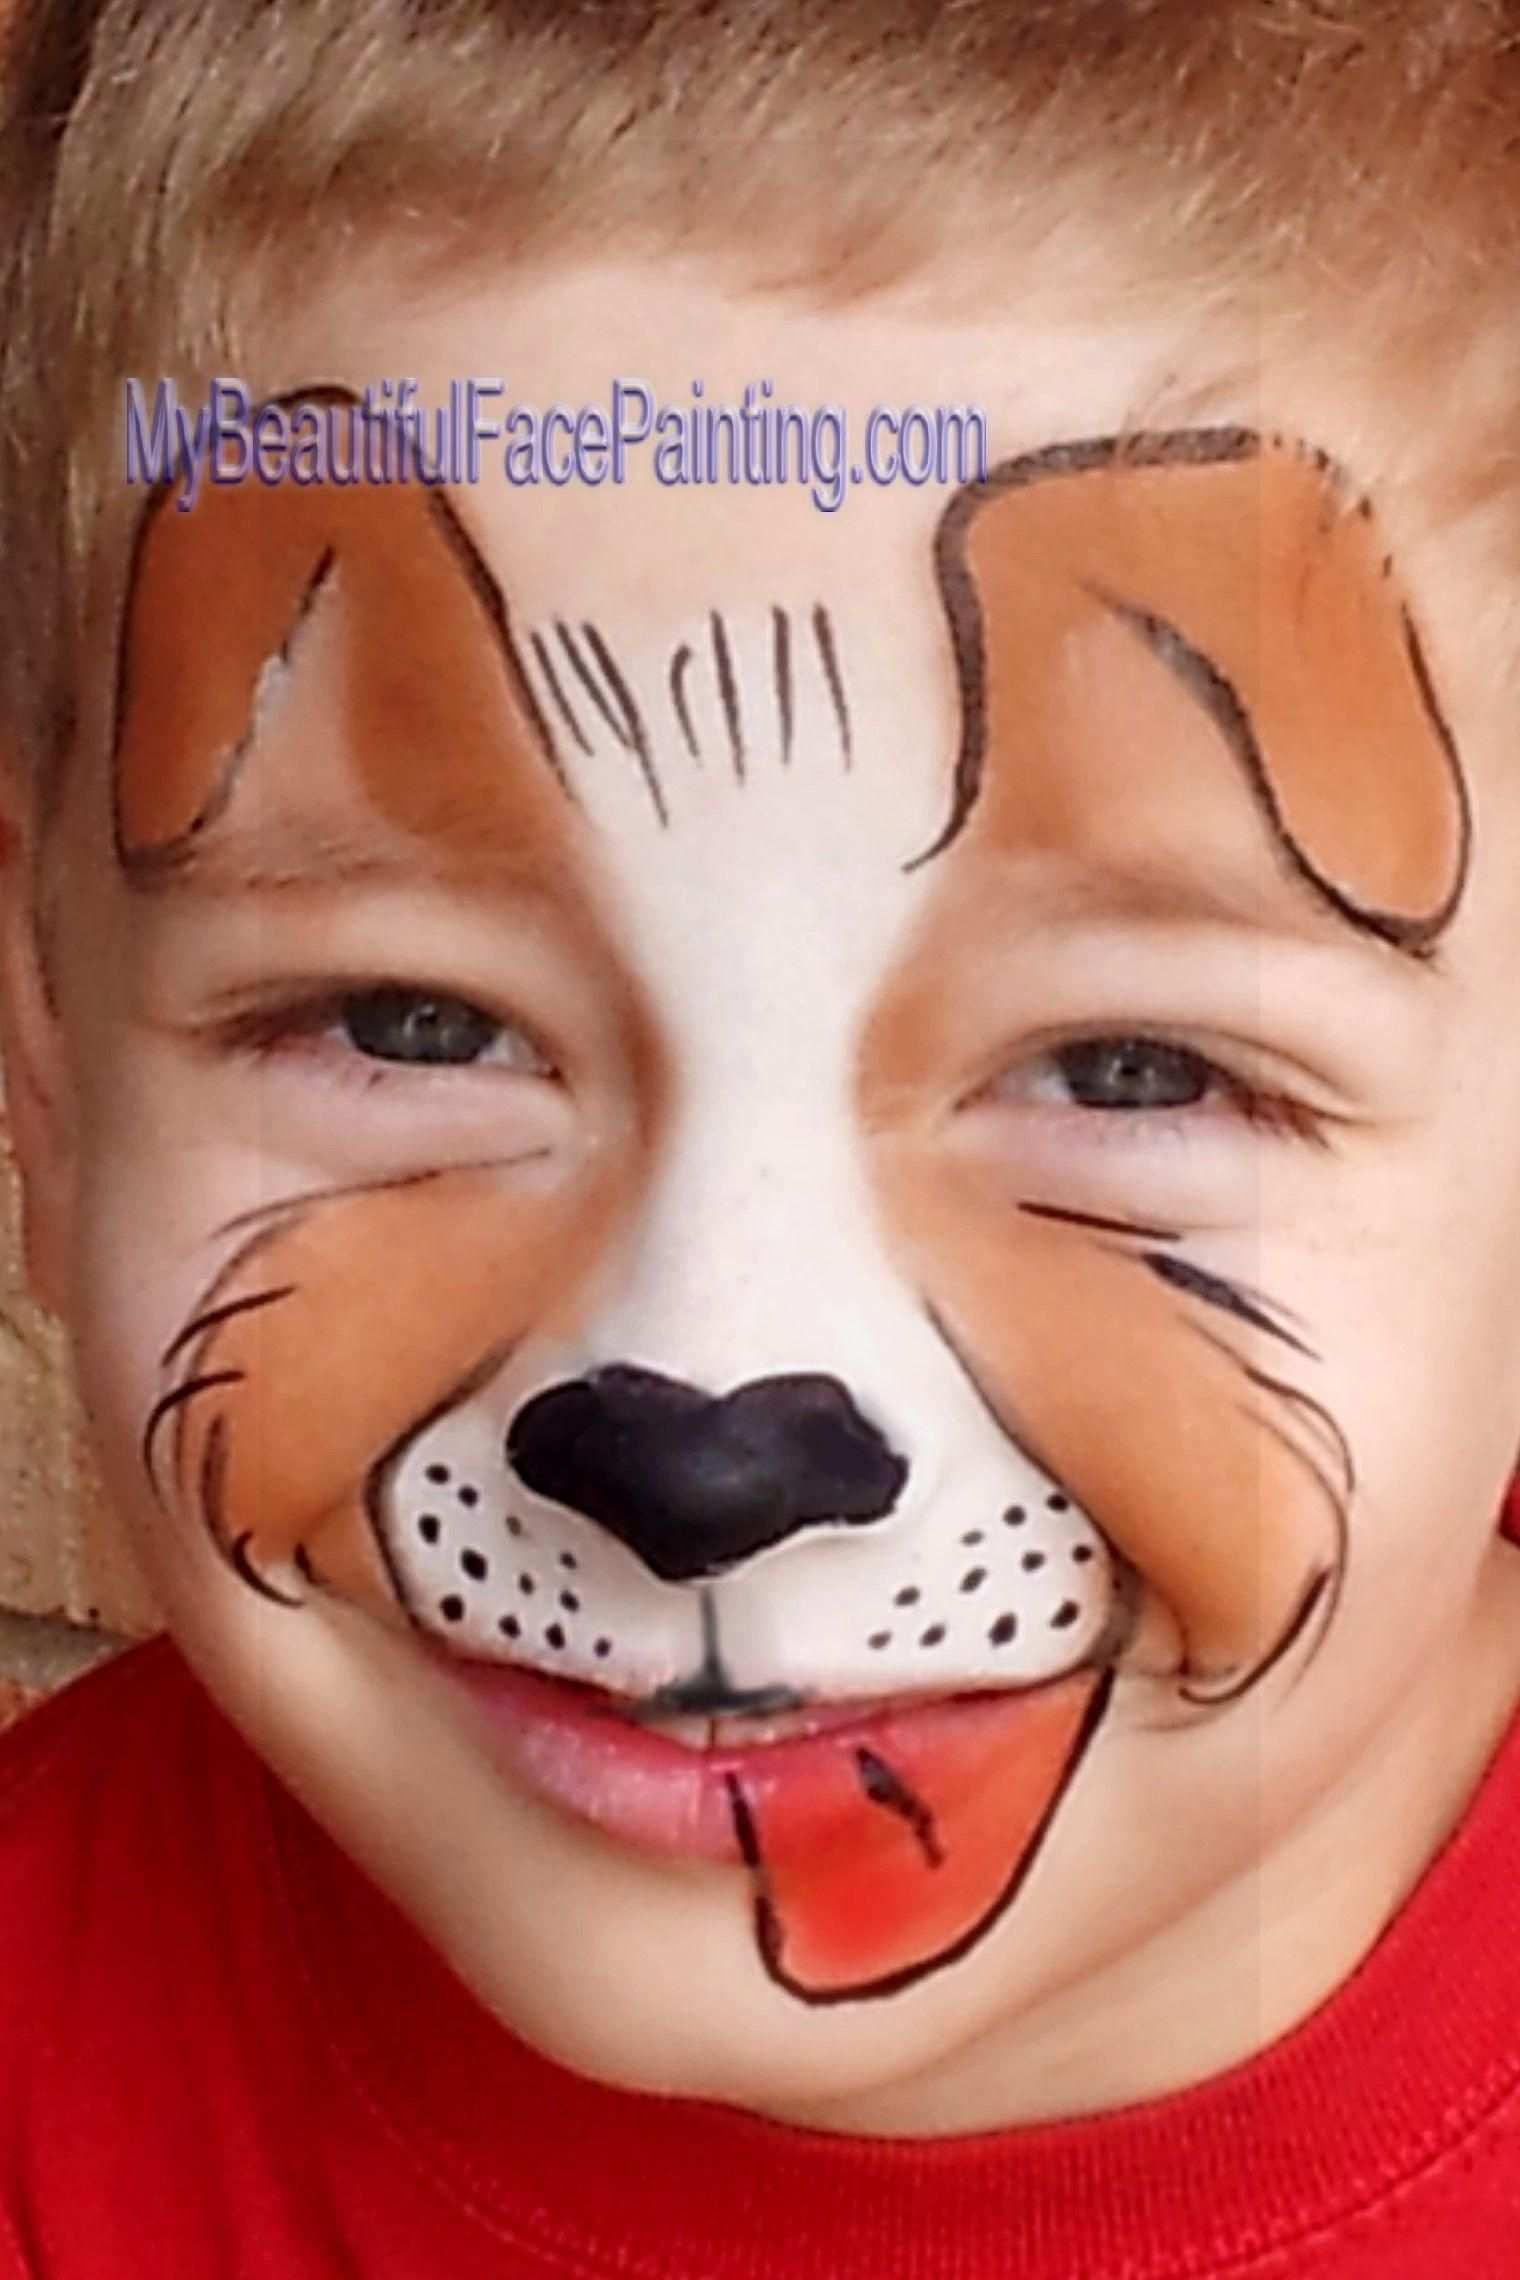 Spektakular Schminken Hund Vorlagen Aufenthalt Erstaunlich Und Vielen Dank Fur Carnaval Schminken In 2020 Kinder Schminken Kinderschminken Jungs Kinderschminken